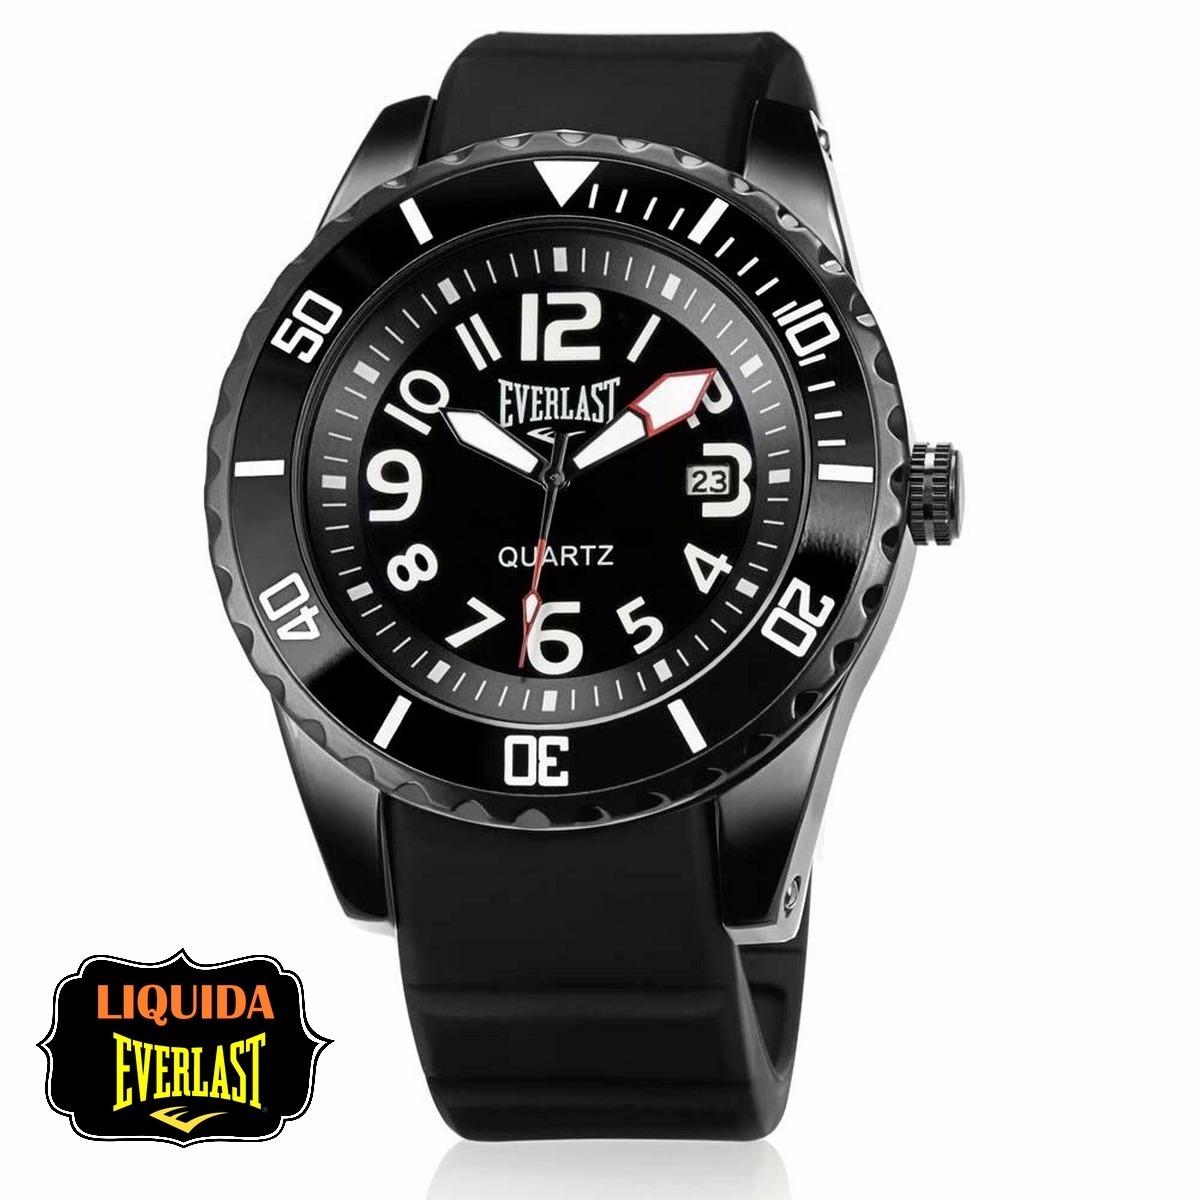 fa8f7d3ffce Relógio Everlast Masculino Borracha Preto Analógico - E511 P - R  450